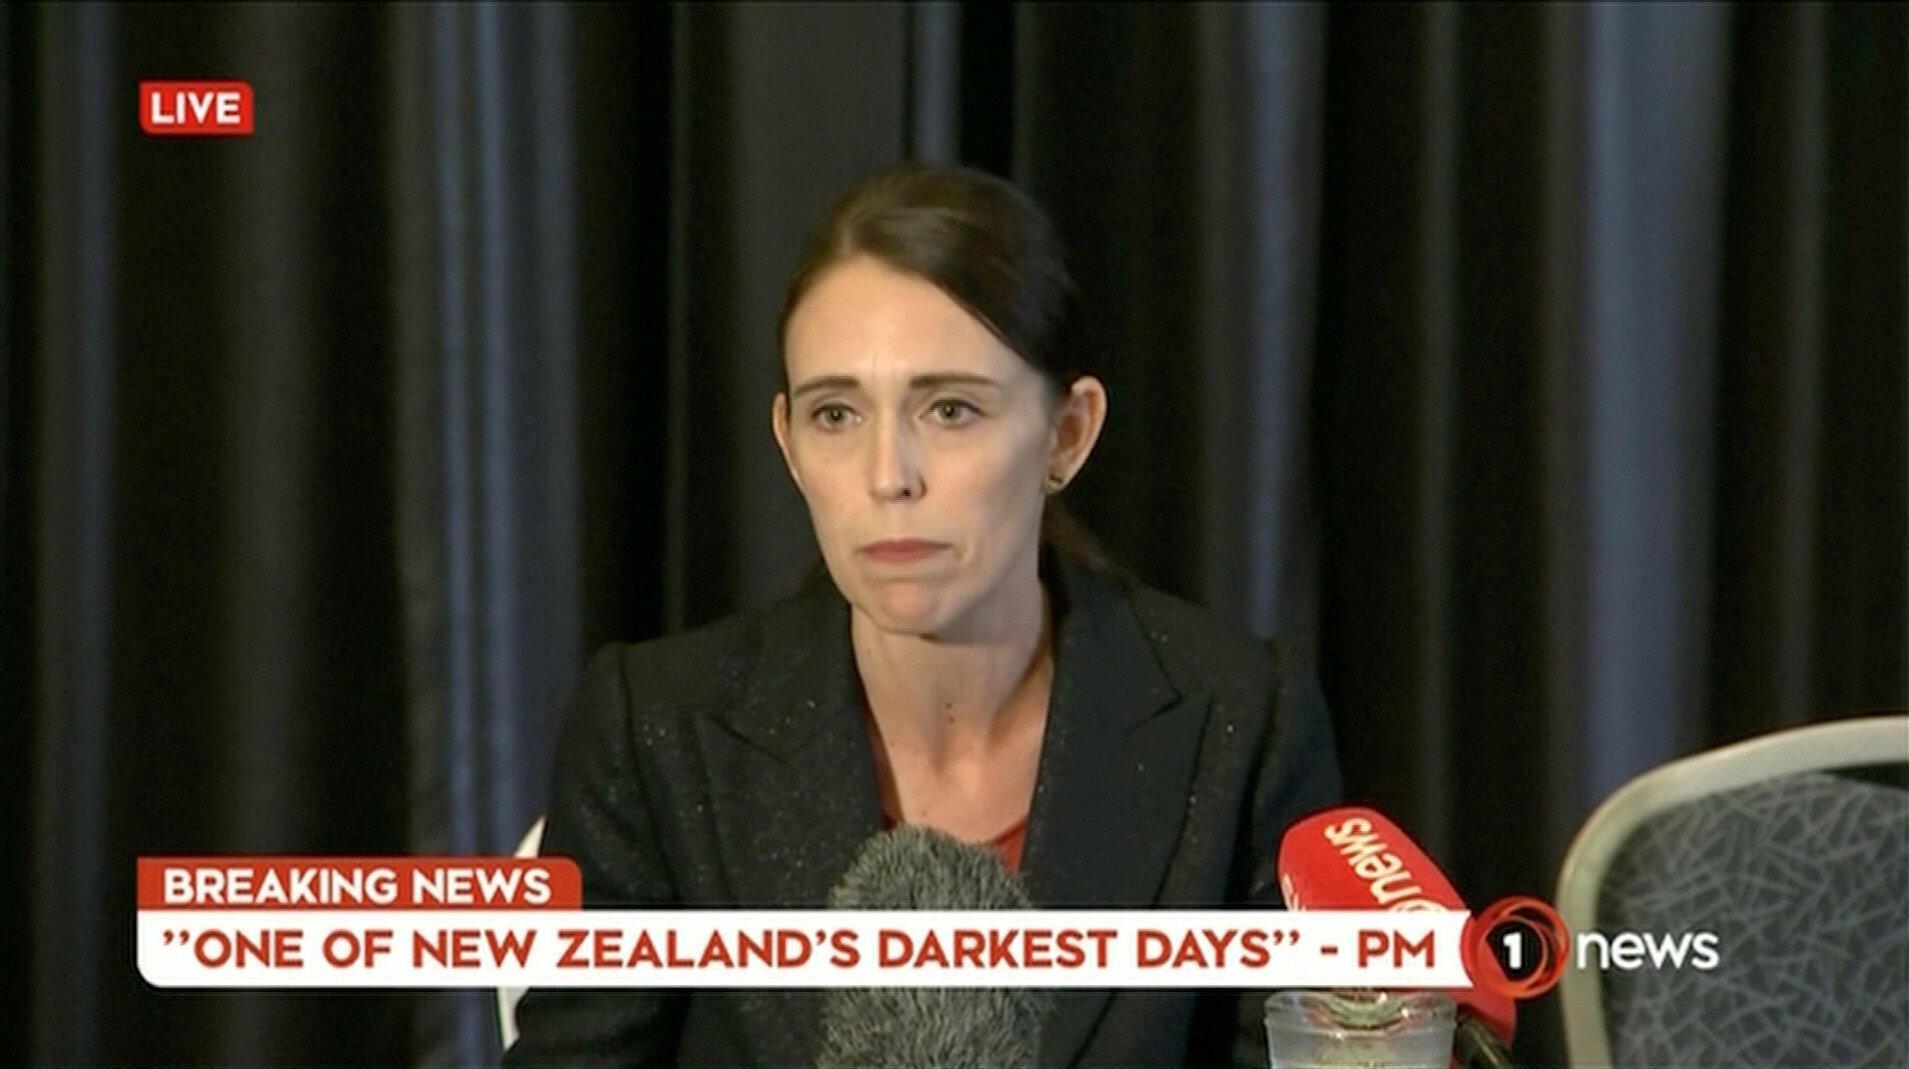 Премьер-министр страны Джасинда Ардерн назвала случившееся терактом, говоря об «одном из самых черных дней в истории Новой Зеландии».